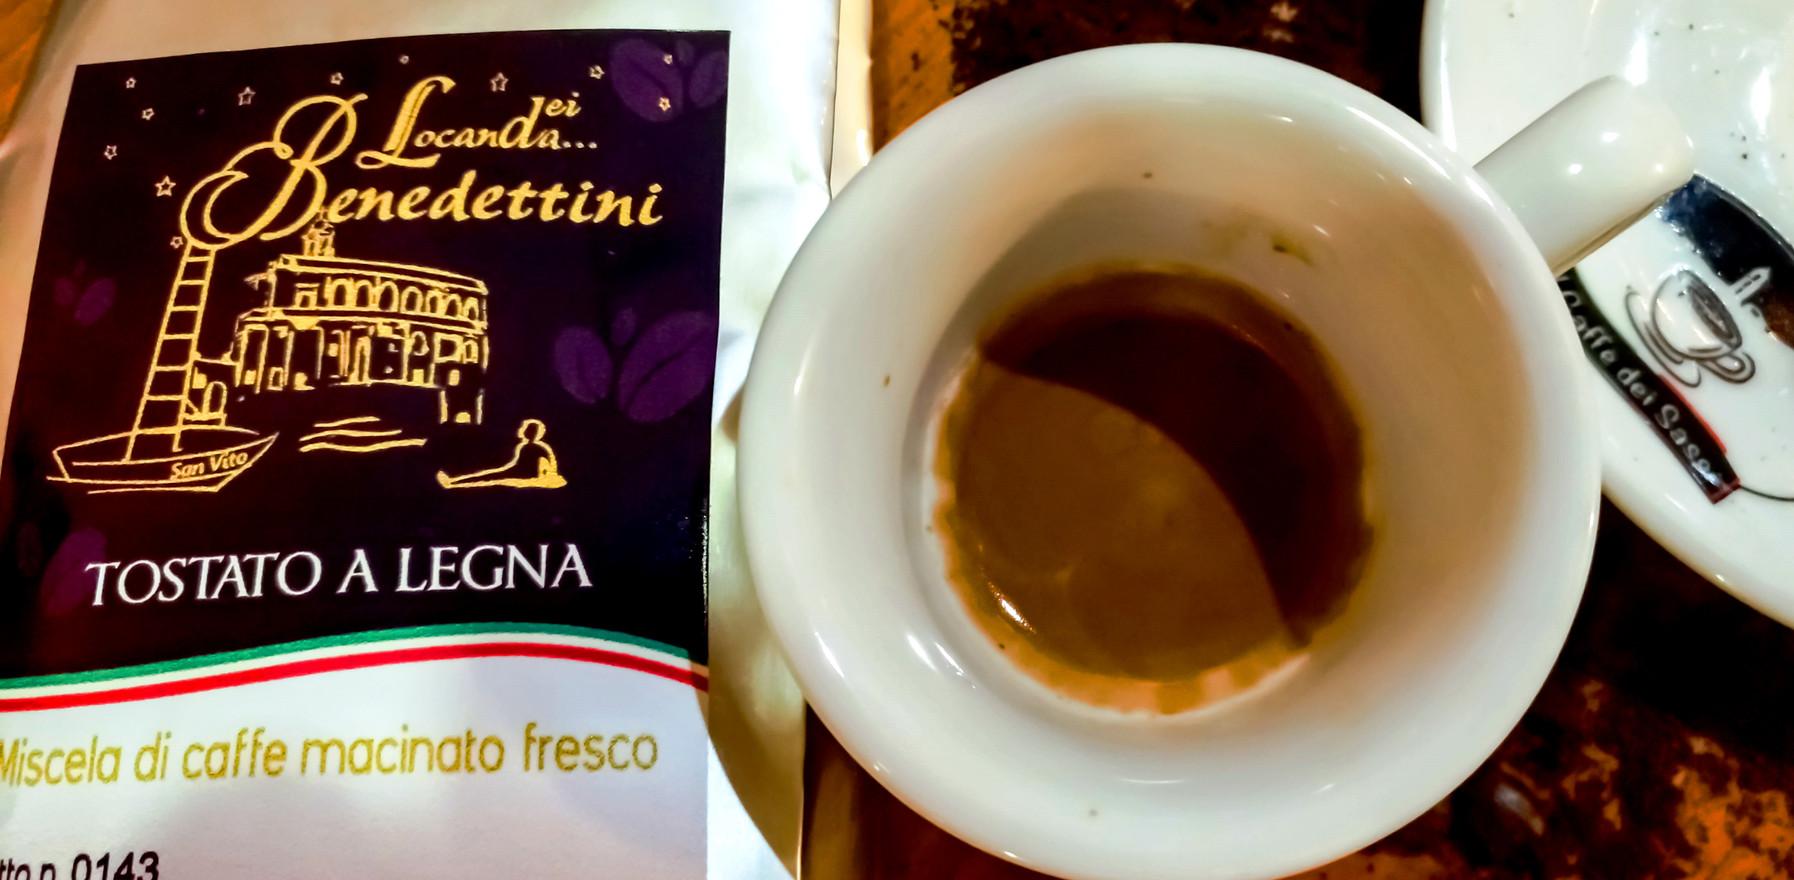 Caffè Benedettino